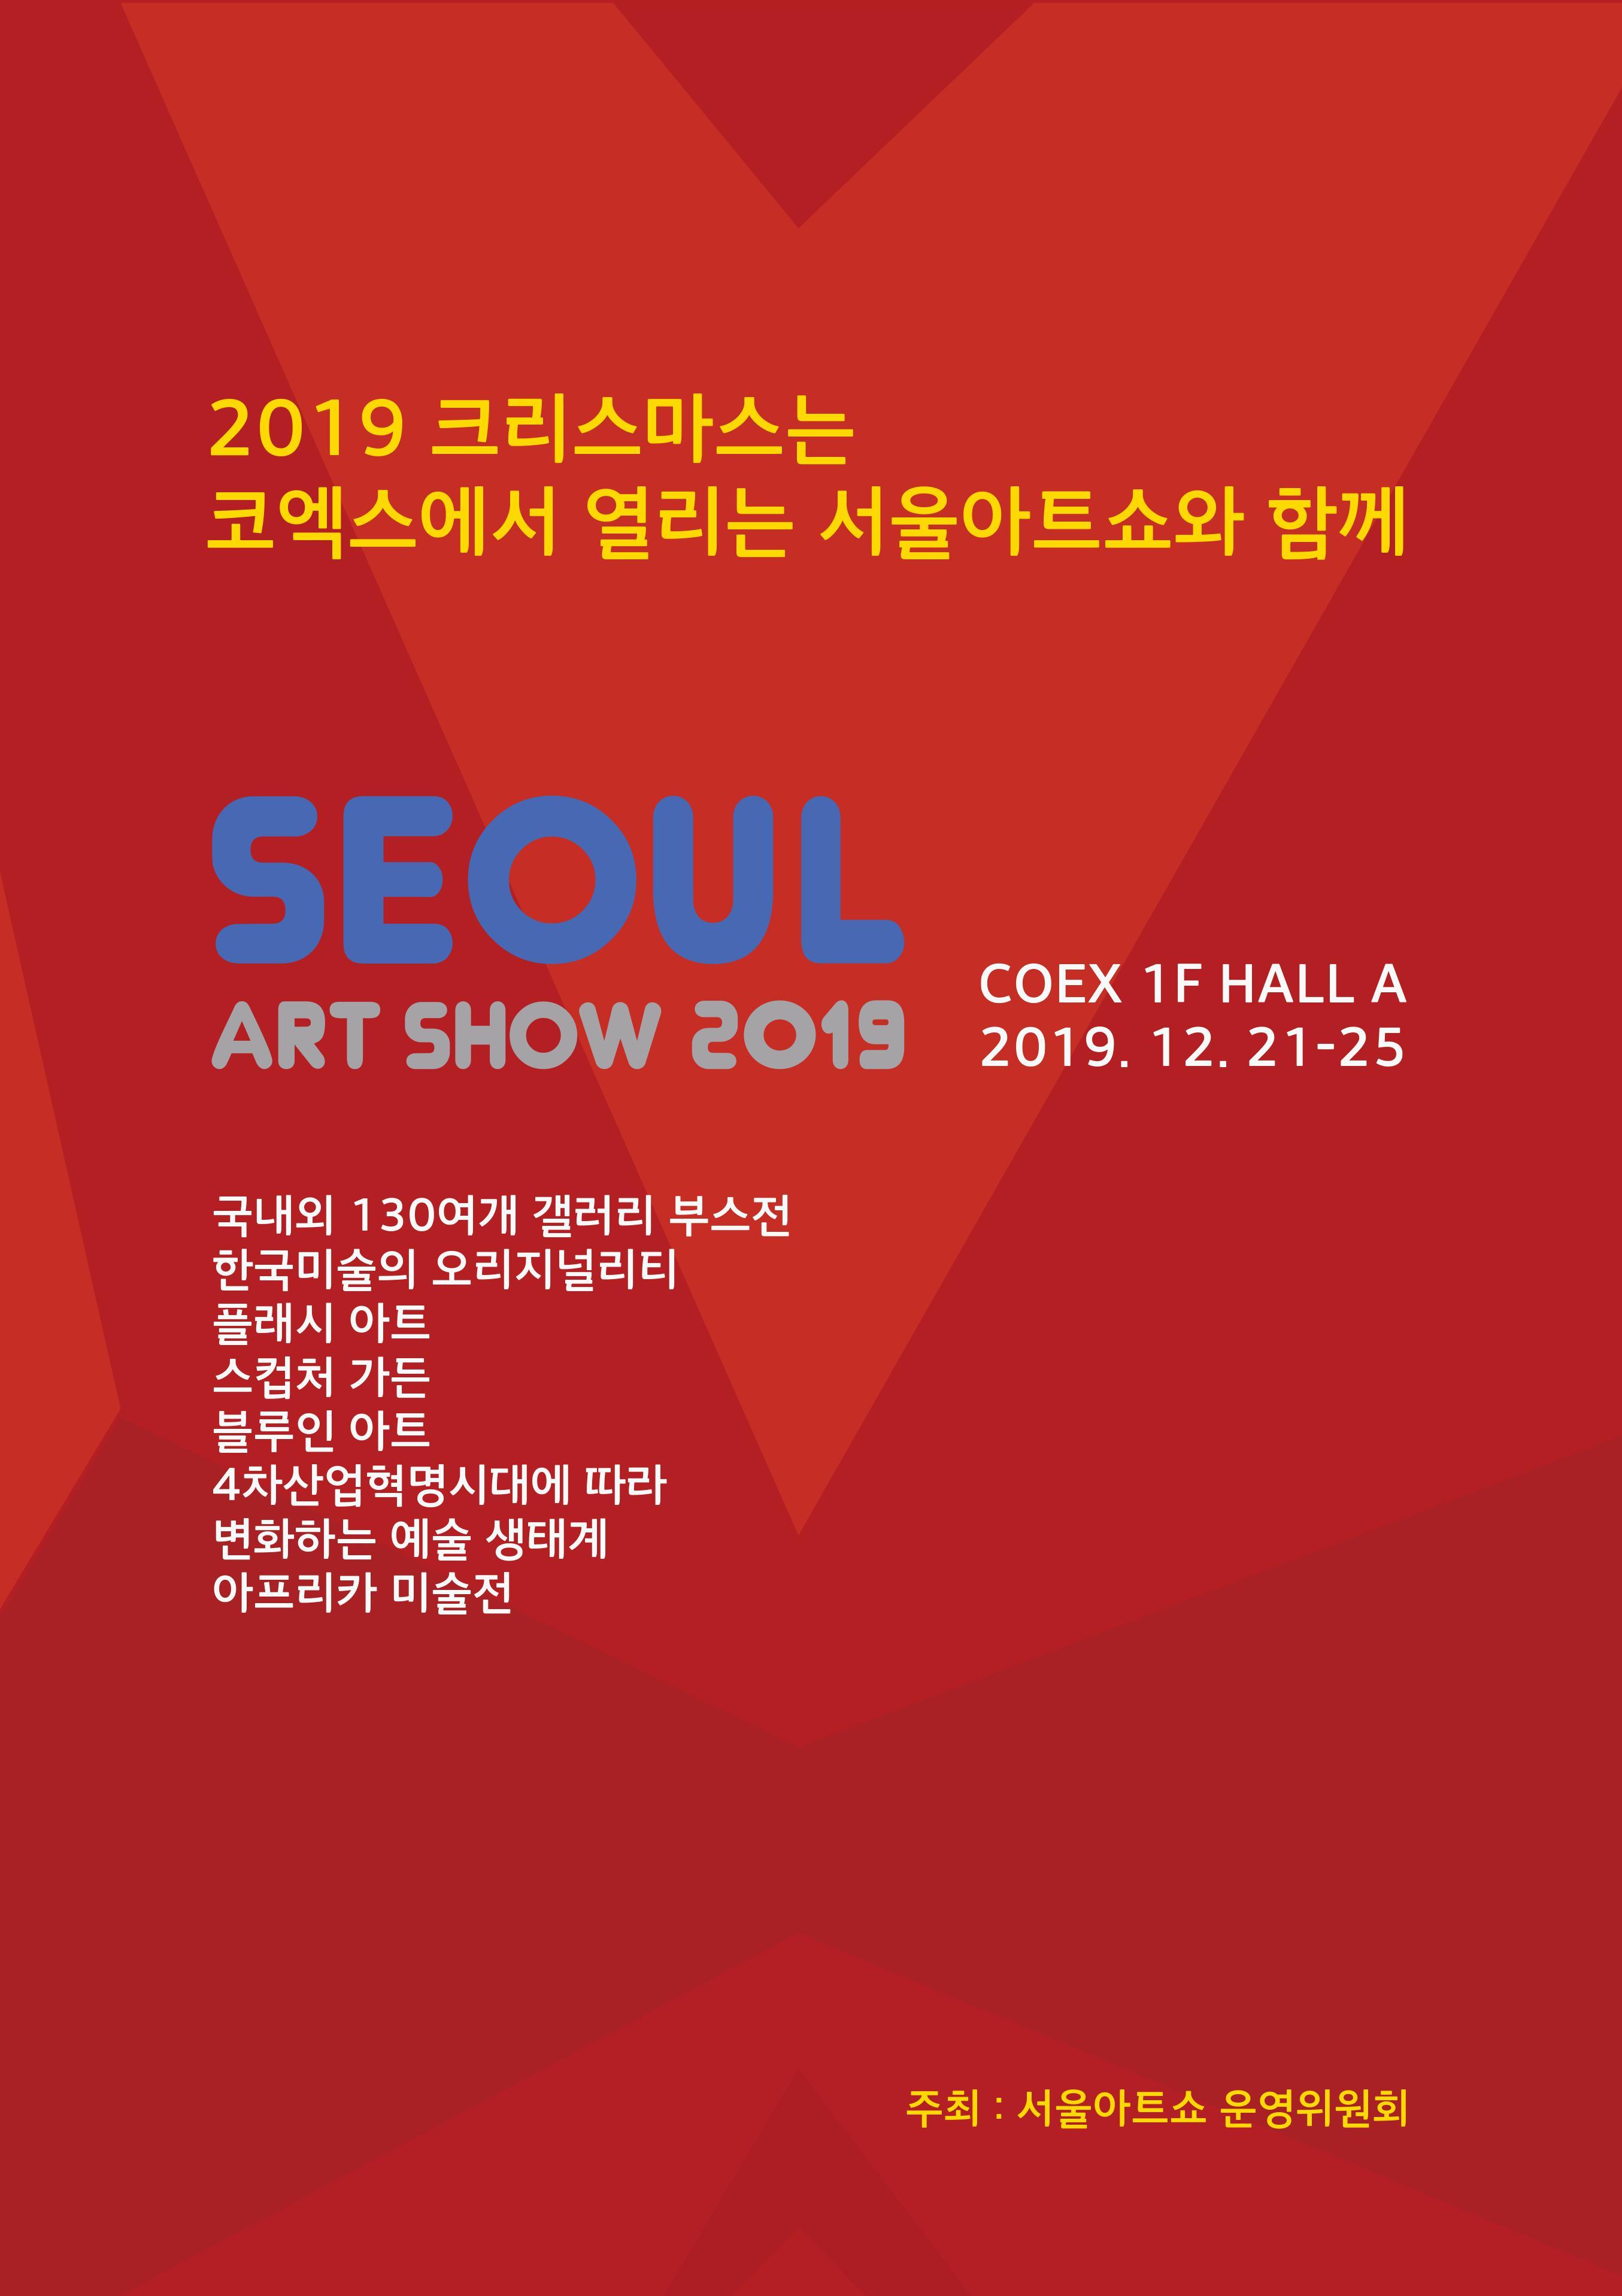 2019 서울아트쇼